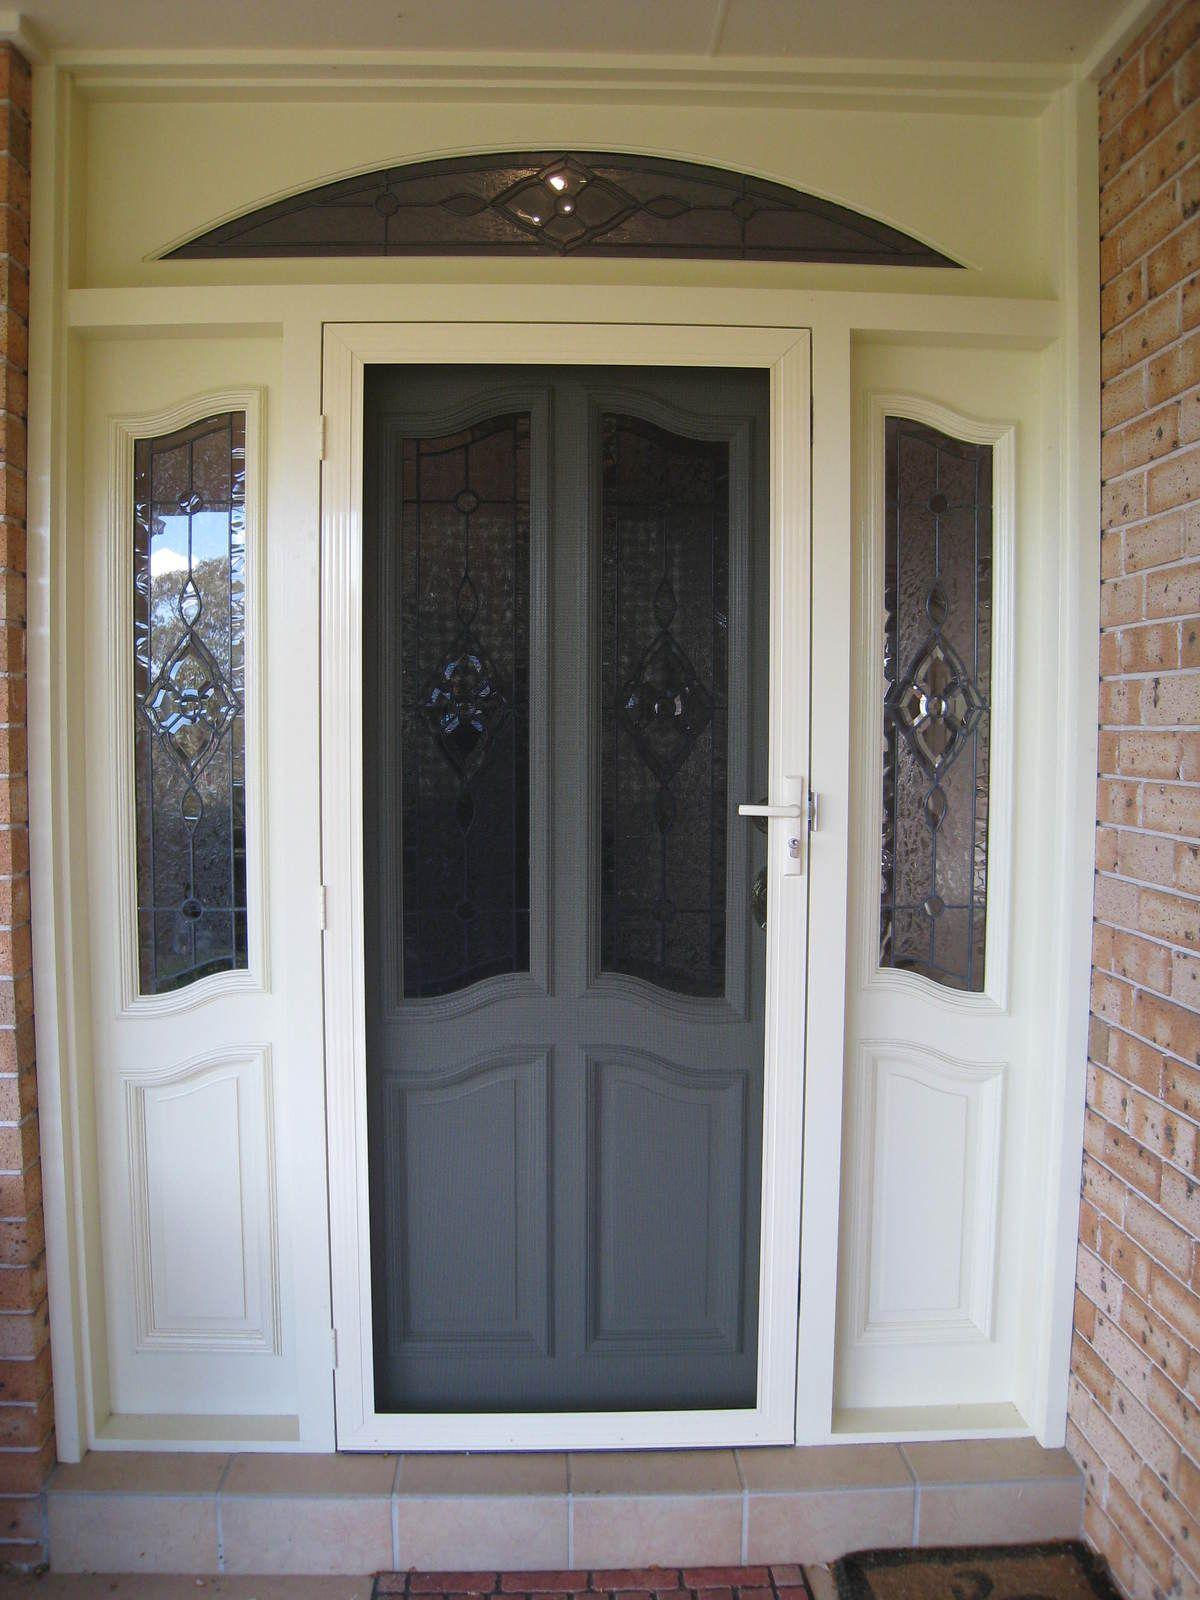 Steel Doors for Security Security screen door, Screen